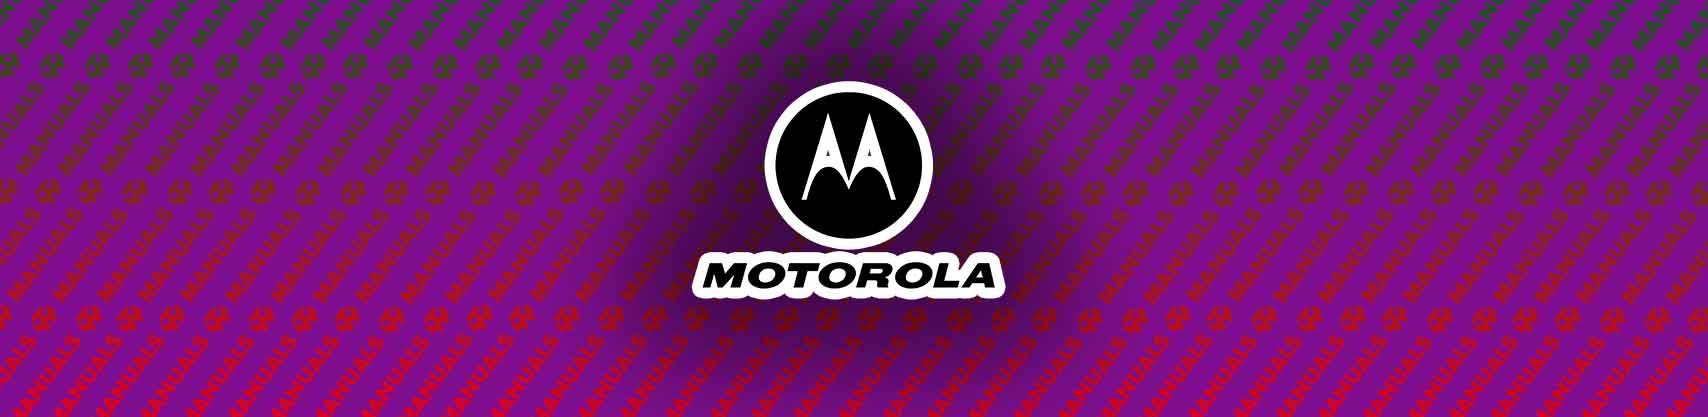 Motorola Moto E4 Manual